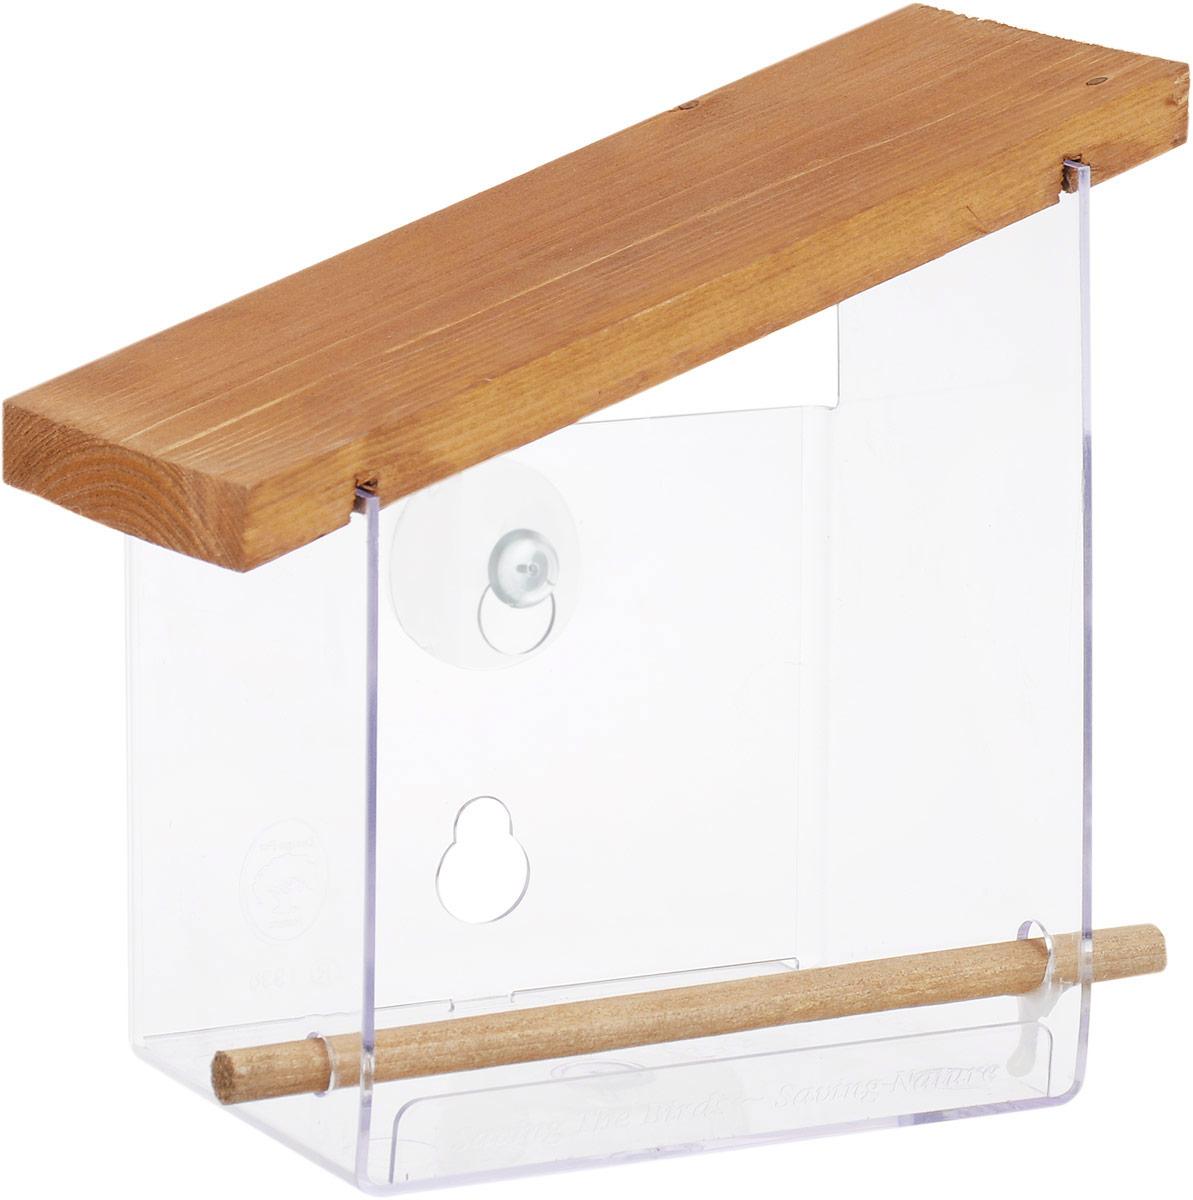 Кормушка для птиц Gardman, 15,5 х 9 х 17,5 смA01034Кормушка для птиц Gardman изготовлена из прочного пластика и дерево. Изделие оснащено деревянной крышкой, защищающей корм от дождя и снега. Кормушка крепится к окну при помощи присосок (входят в комплект). Прикрепите кормушку к окну, и вы сможете увидеть птиц поближе.